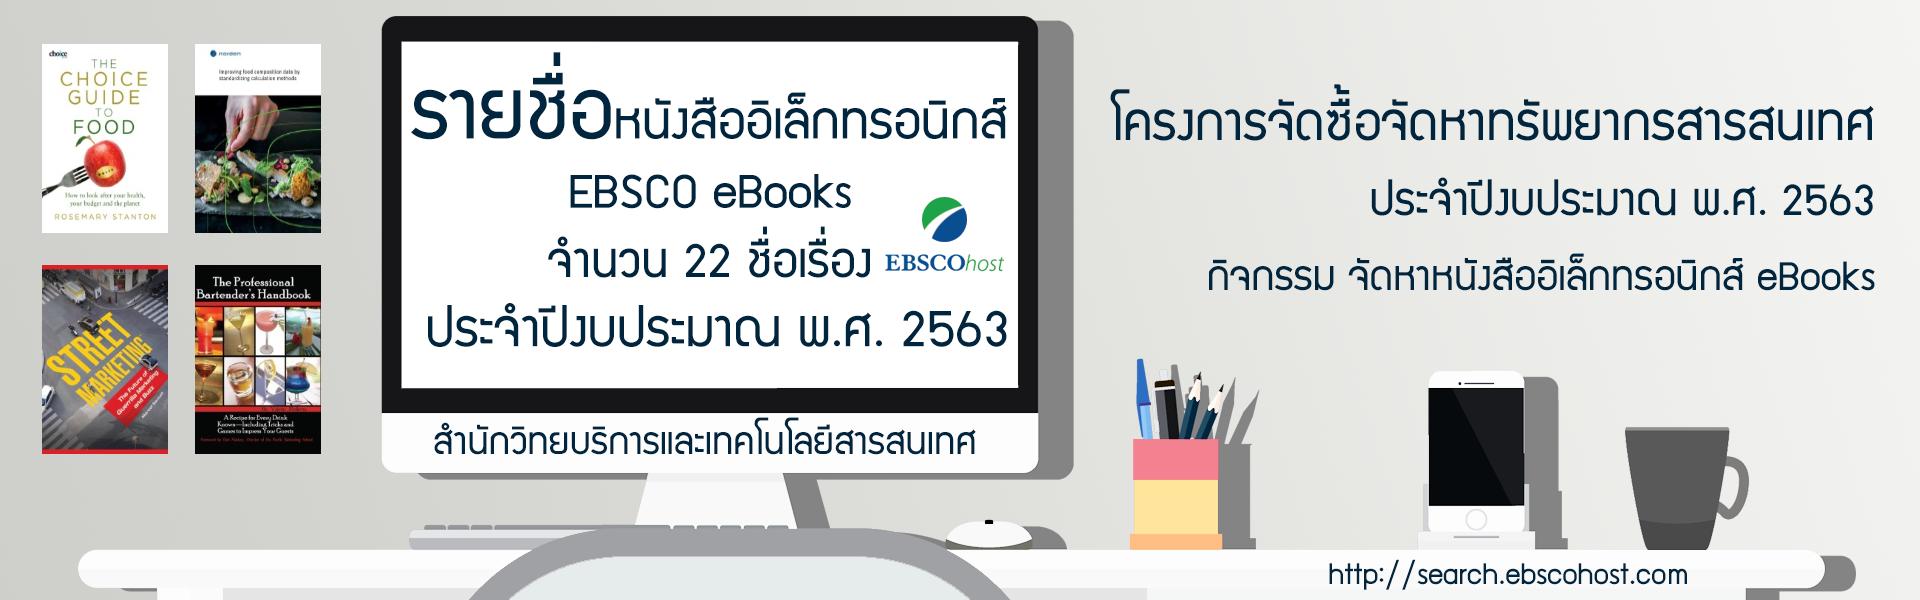 รายชื่อหนังสืออิเล็กทรอนิกส์ EBSCO eBooks จำนวน 22 ชื่อเรื่อง ประจำปีงบประมาณ พ.ศ. 2563